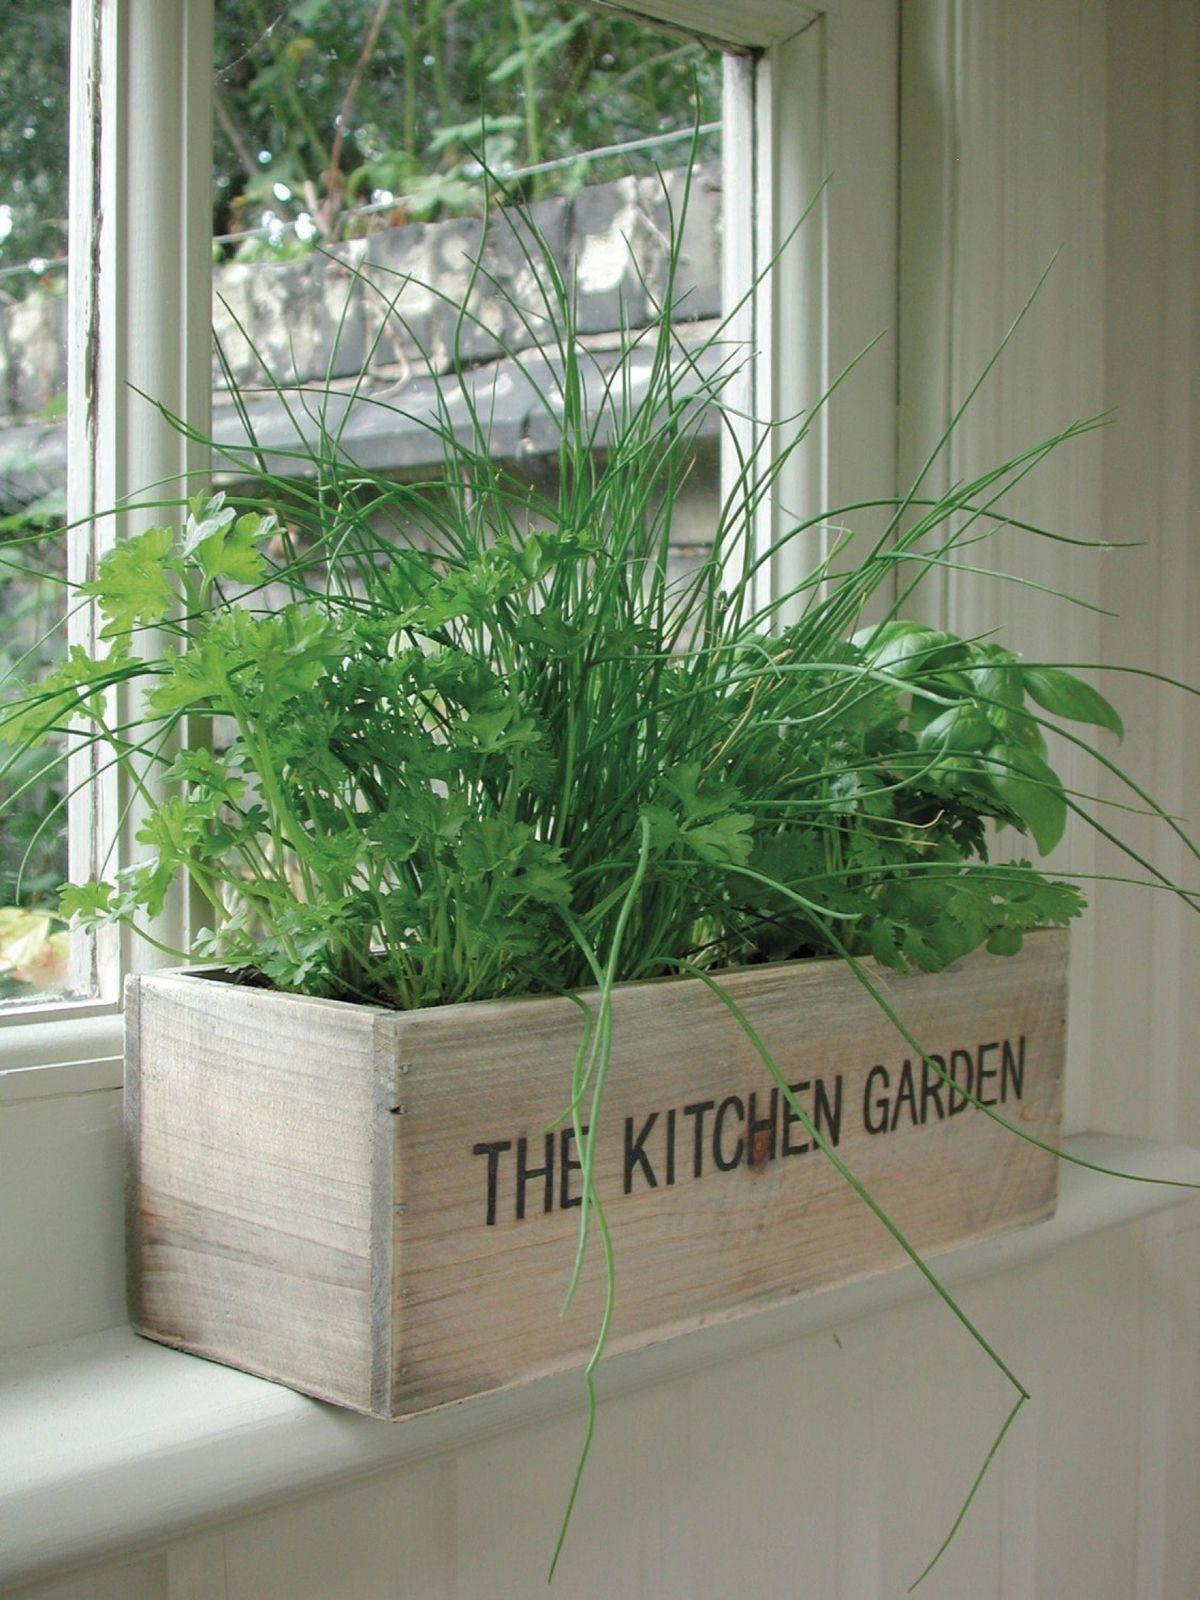 Indoor Herb Kit Garden Wooden Pots Herbs Seeds Kitchen Grow Your Own